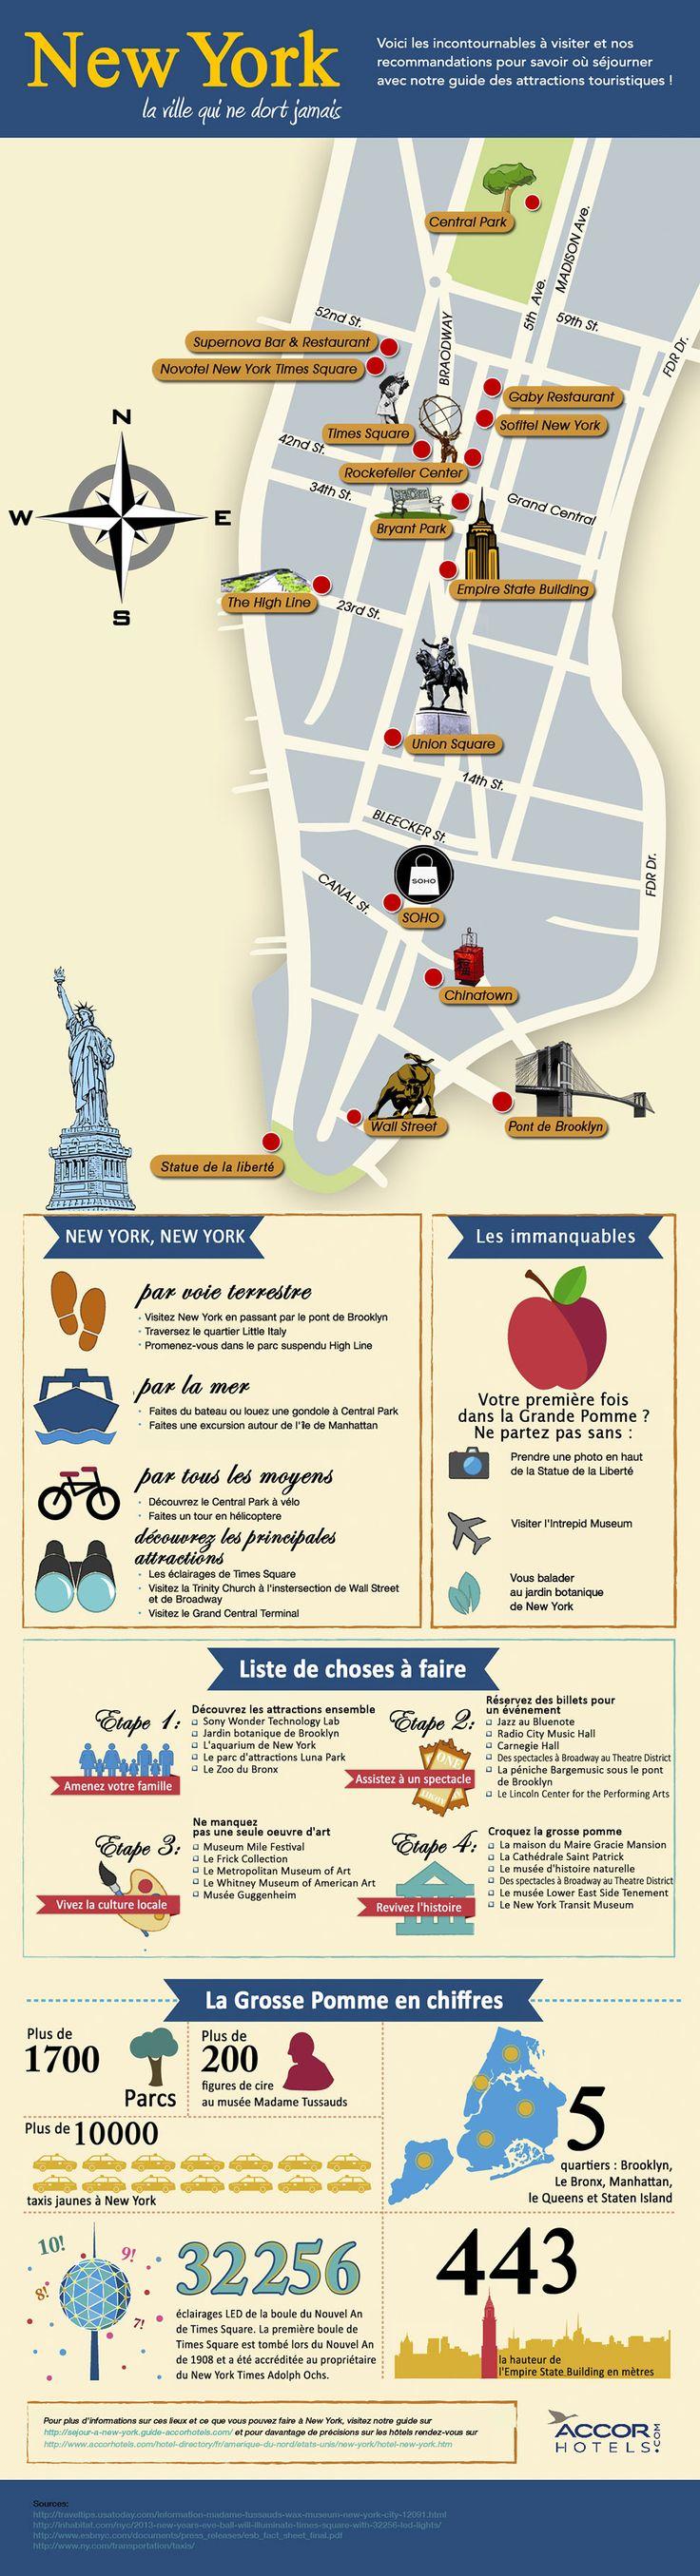 Infographie de New York par Accorhotels.com